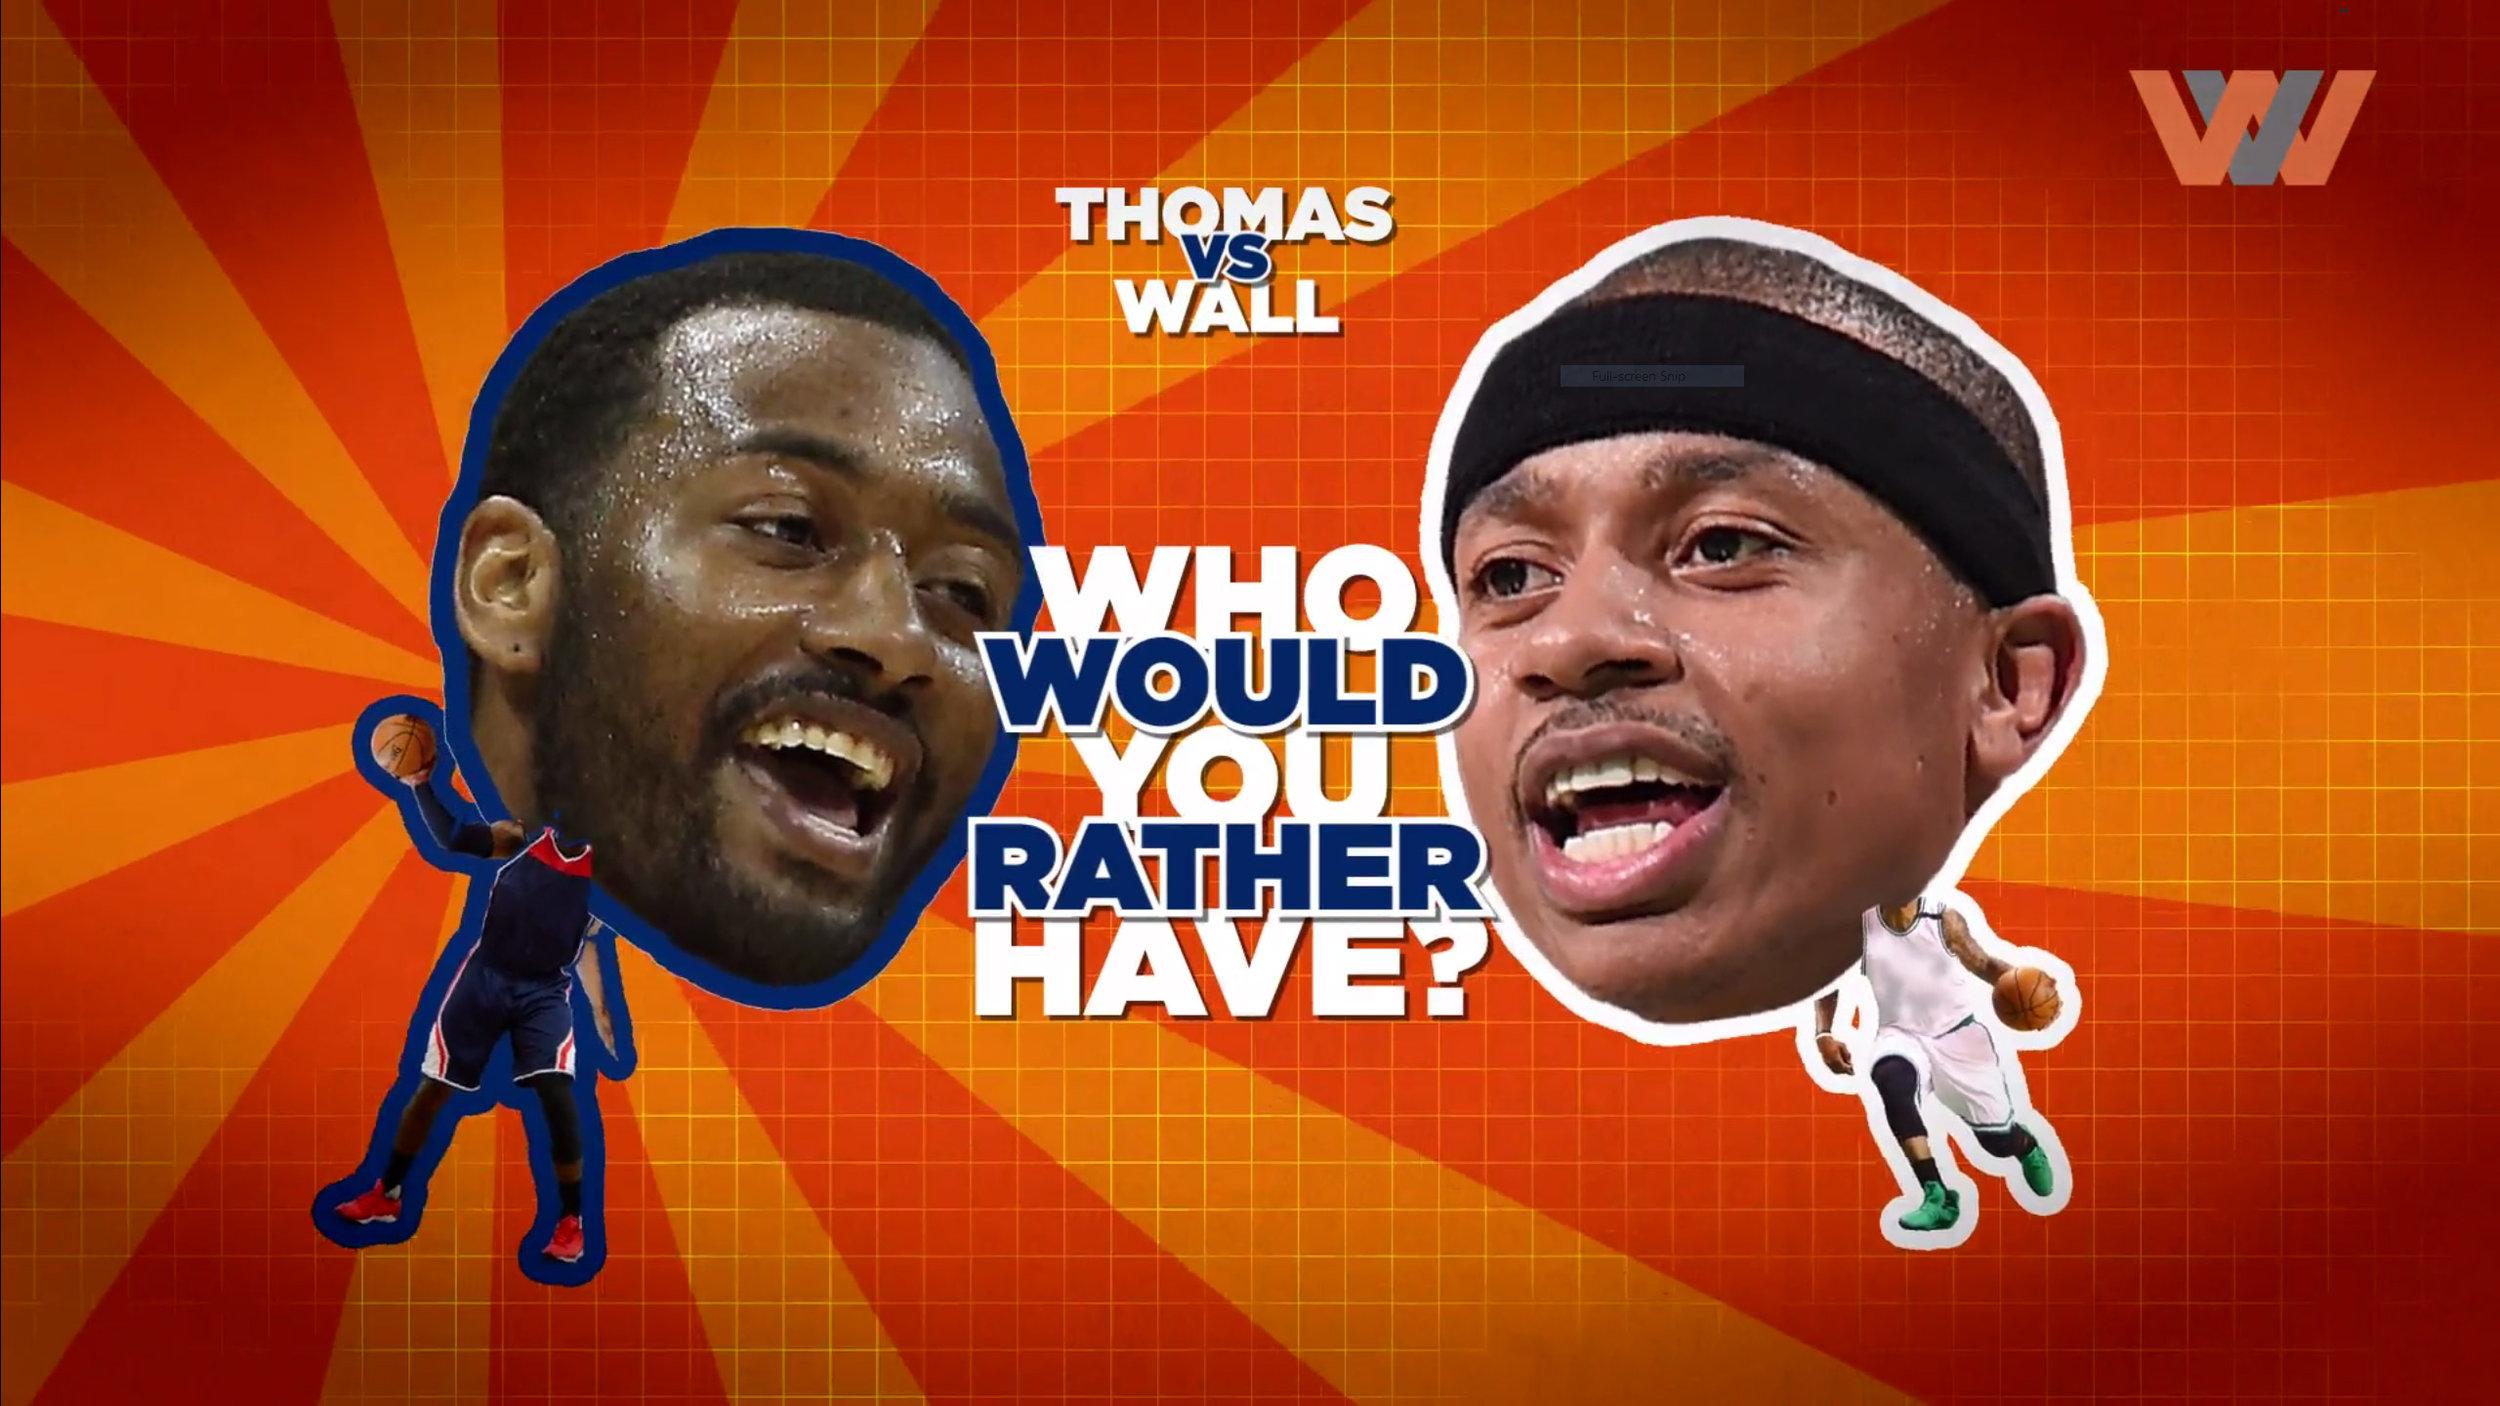 Wall_Thomas-1.jpg